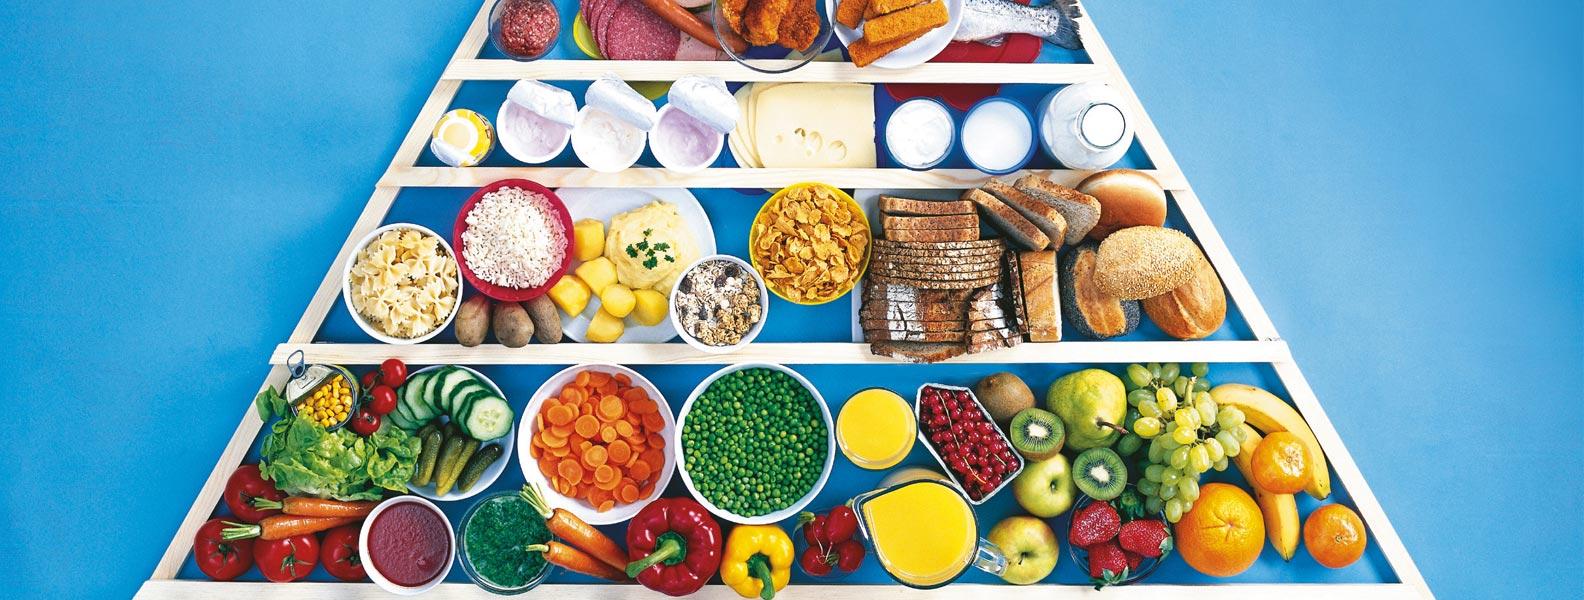 Foodtrends 2017 – wo geht die Reise hin?